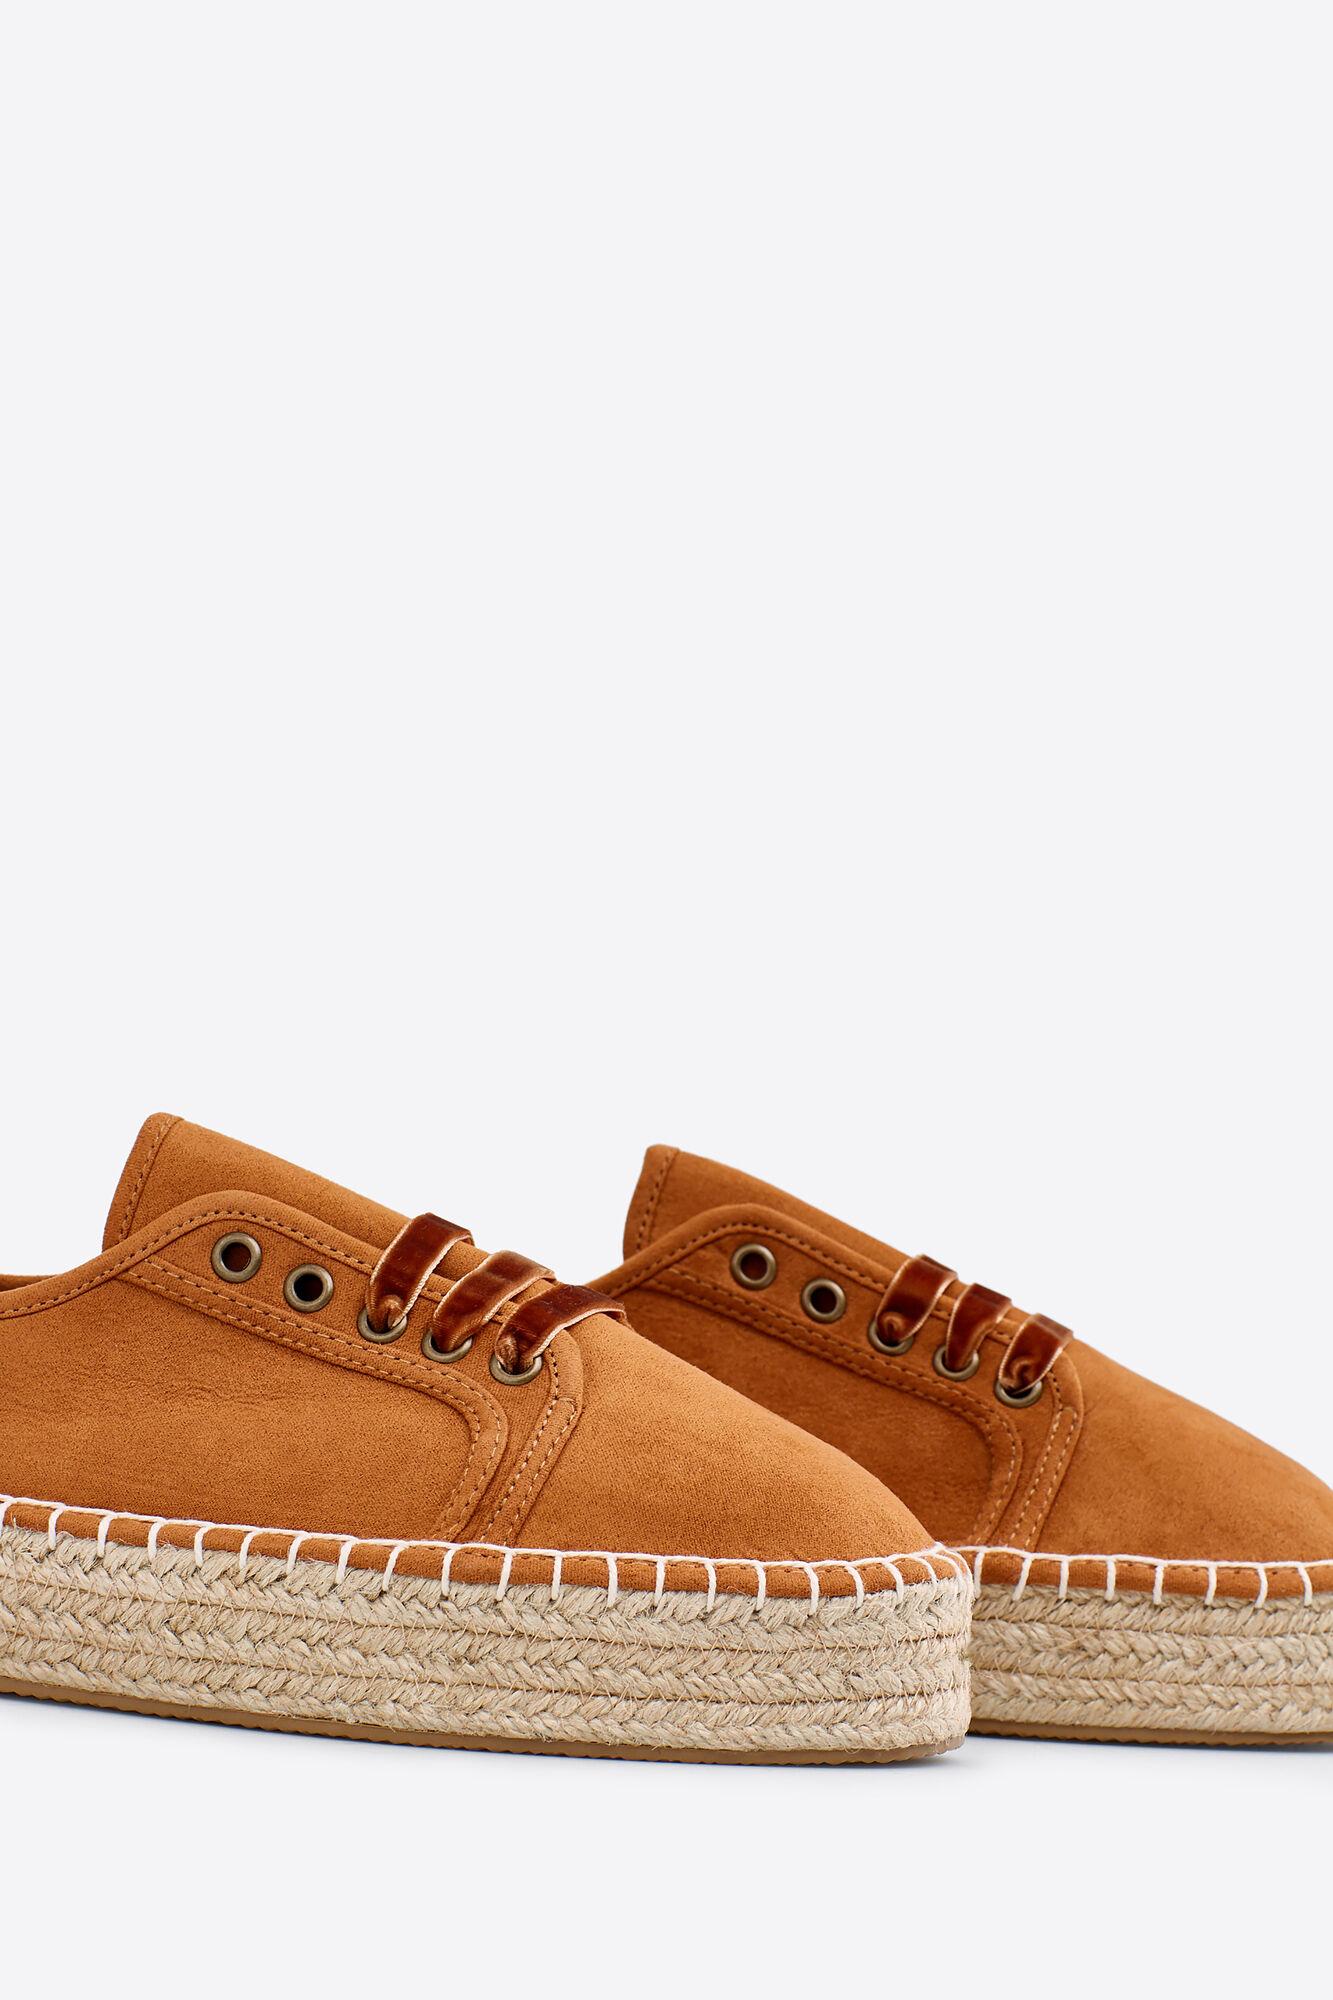 6ee45a087 Zapatos de cordones con esparto